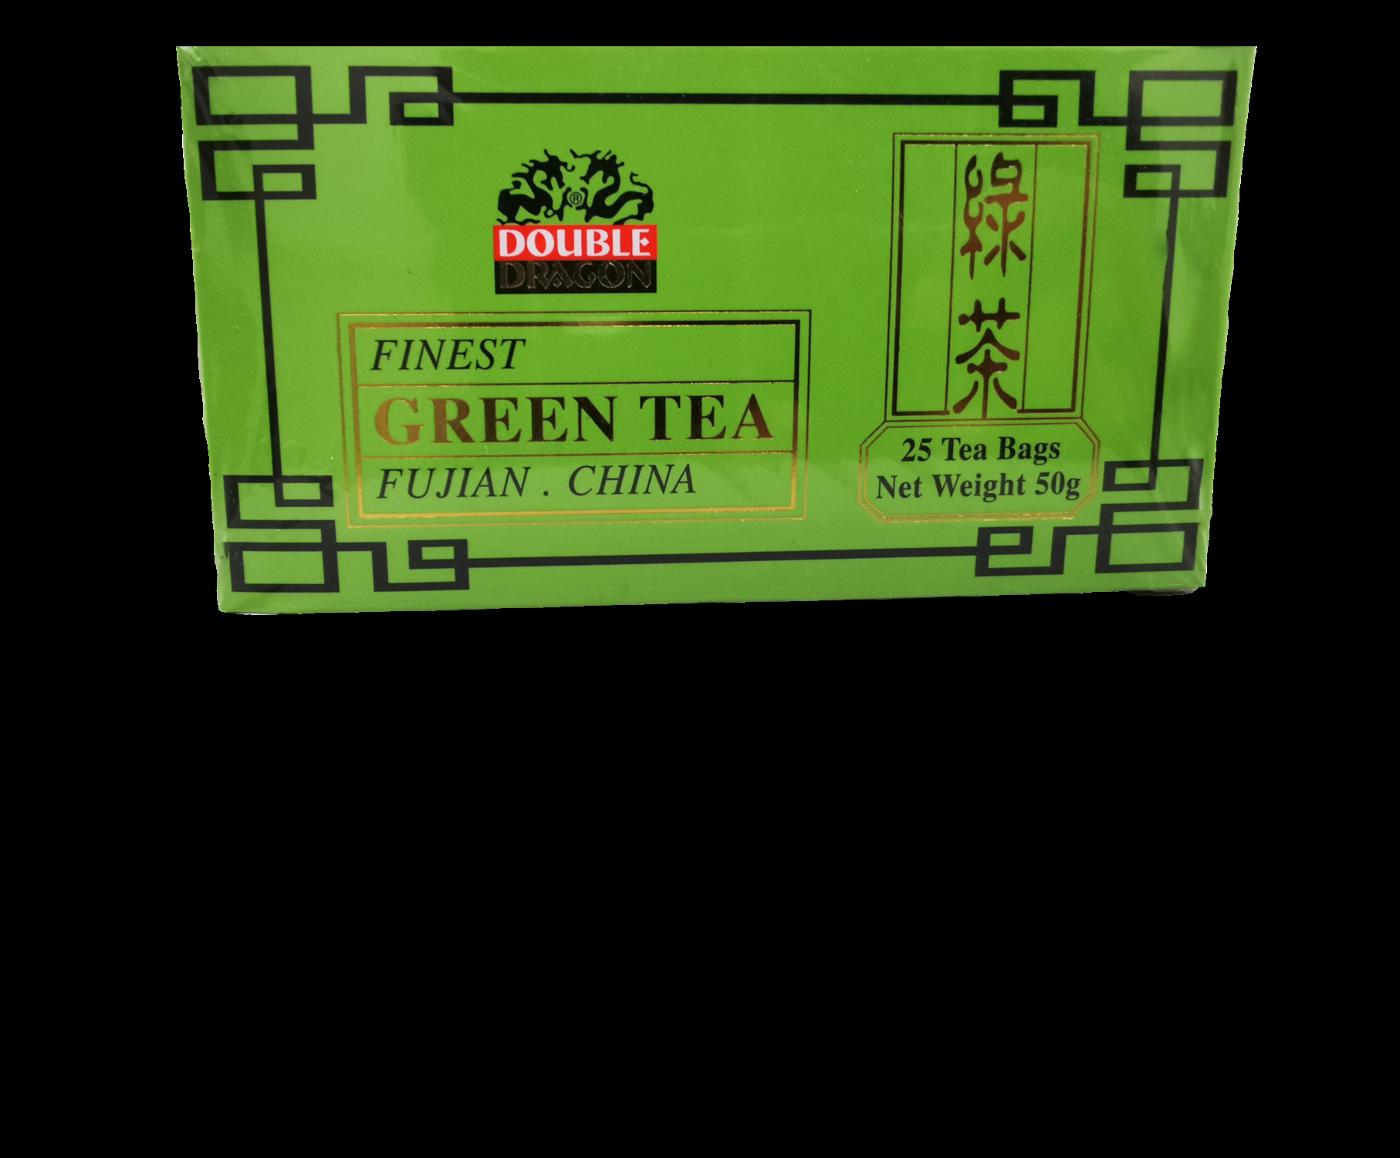 Double Dragon Green Tea